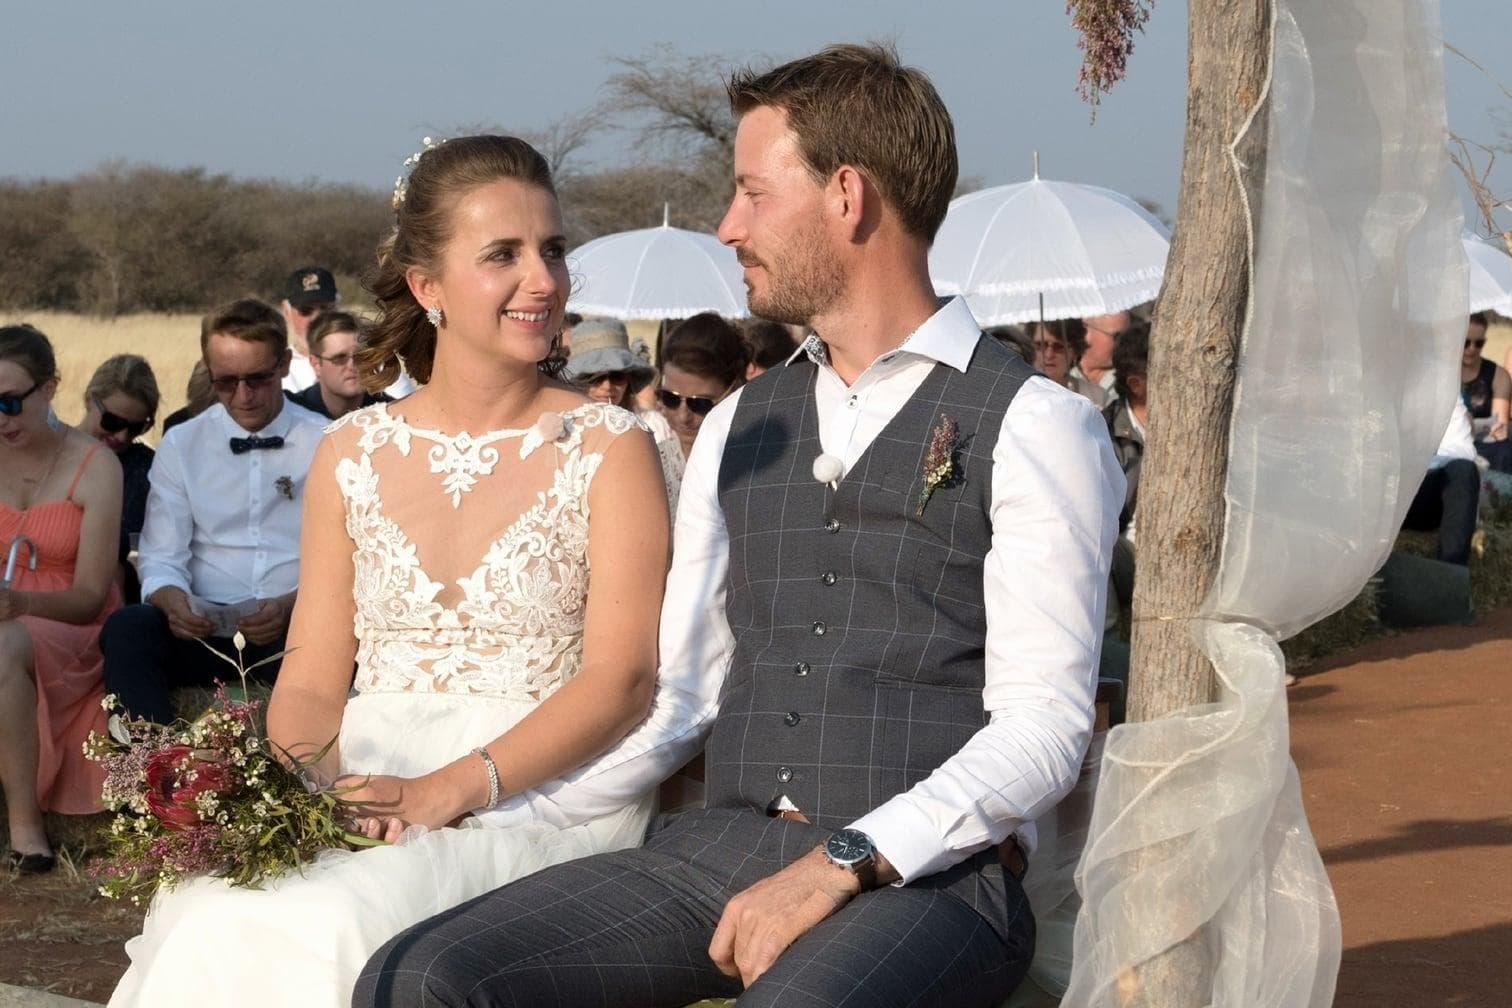 <p>Das Fest eröffnete das Brautpaar mit dem Hochzeitstanz